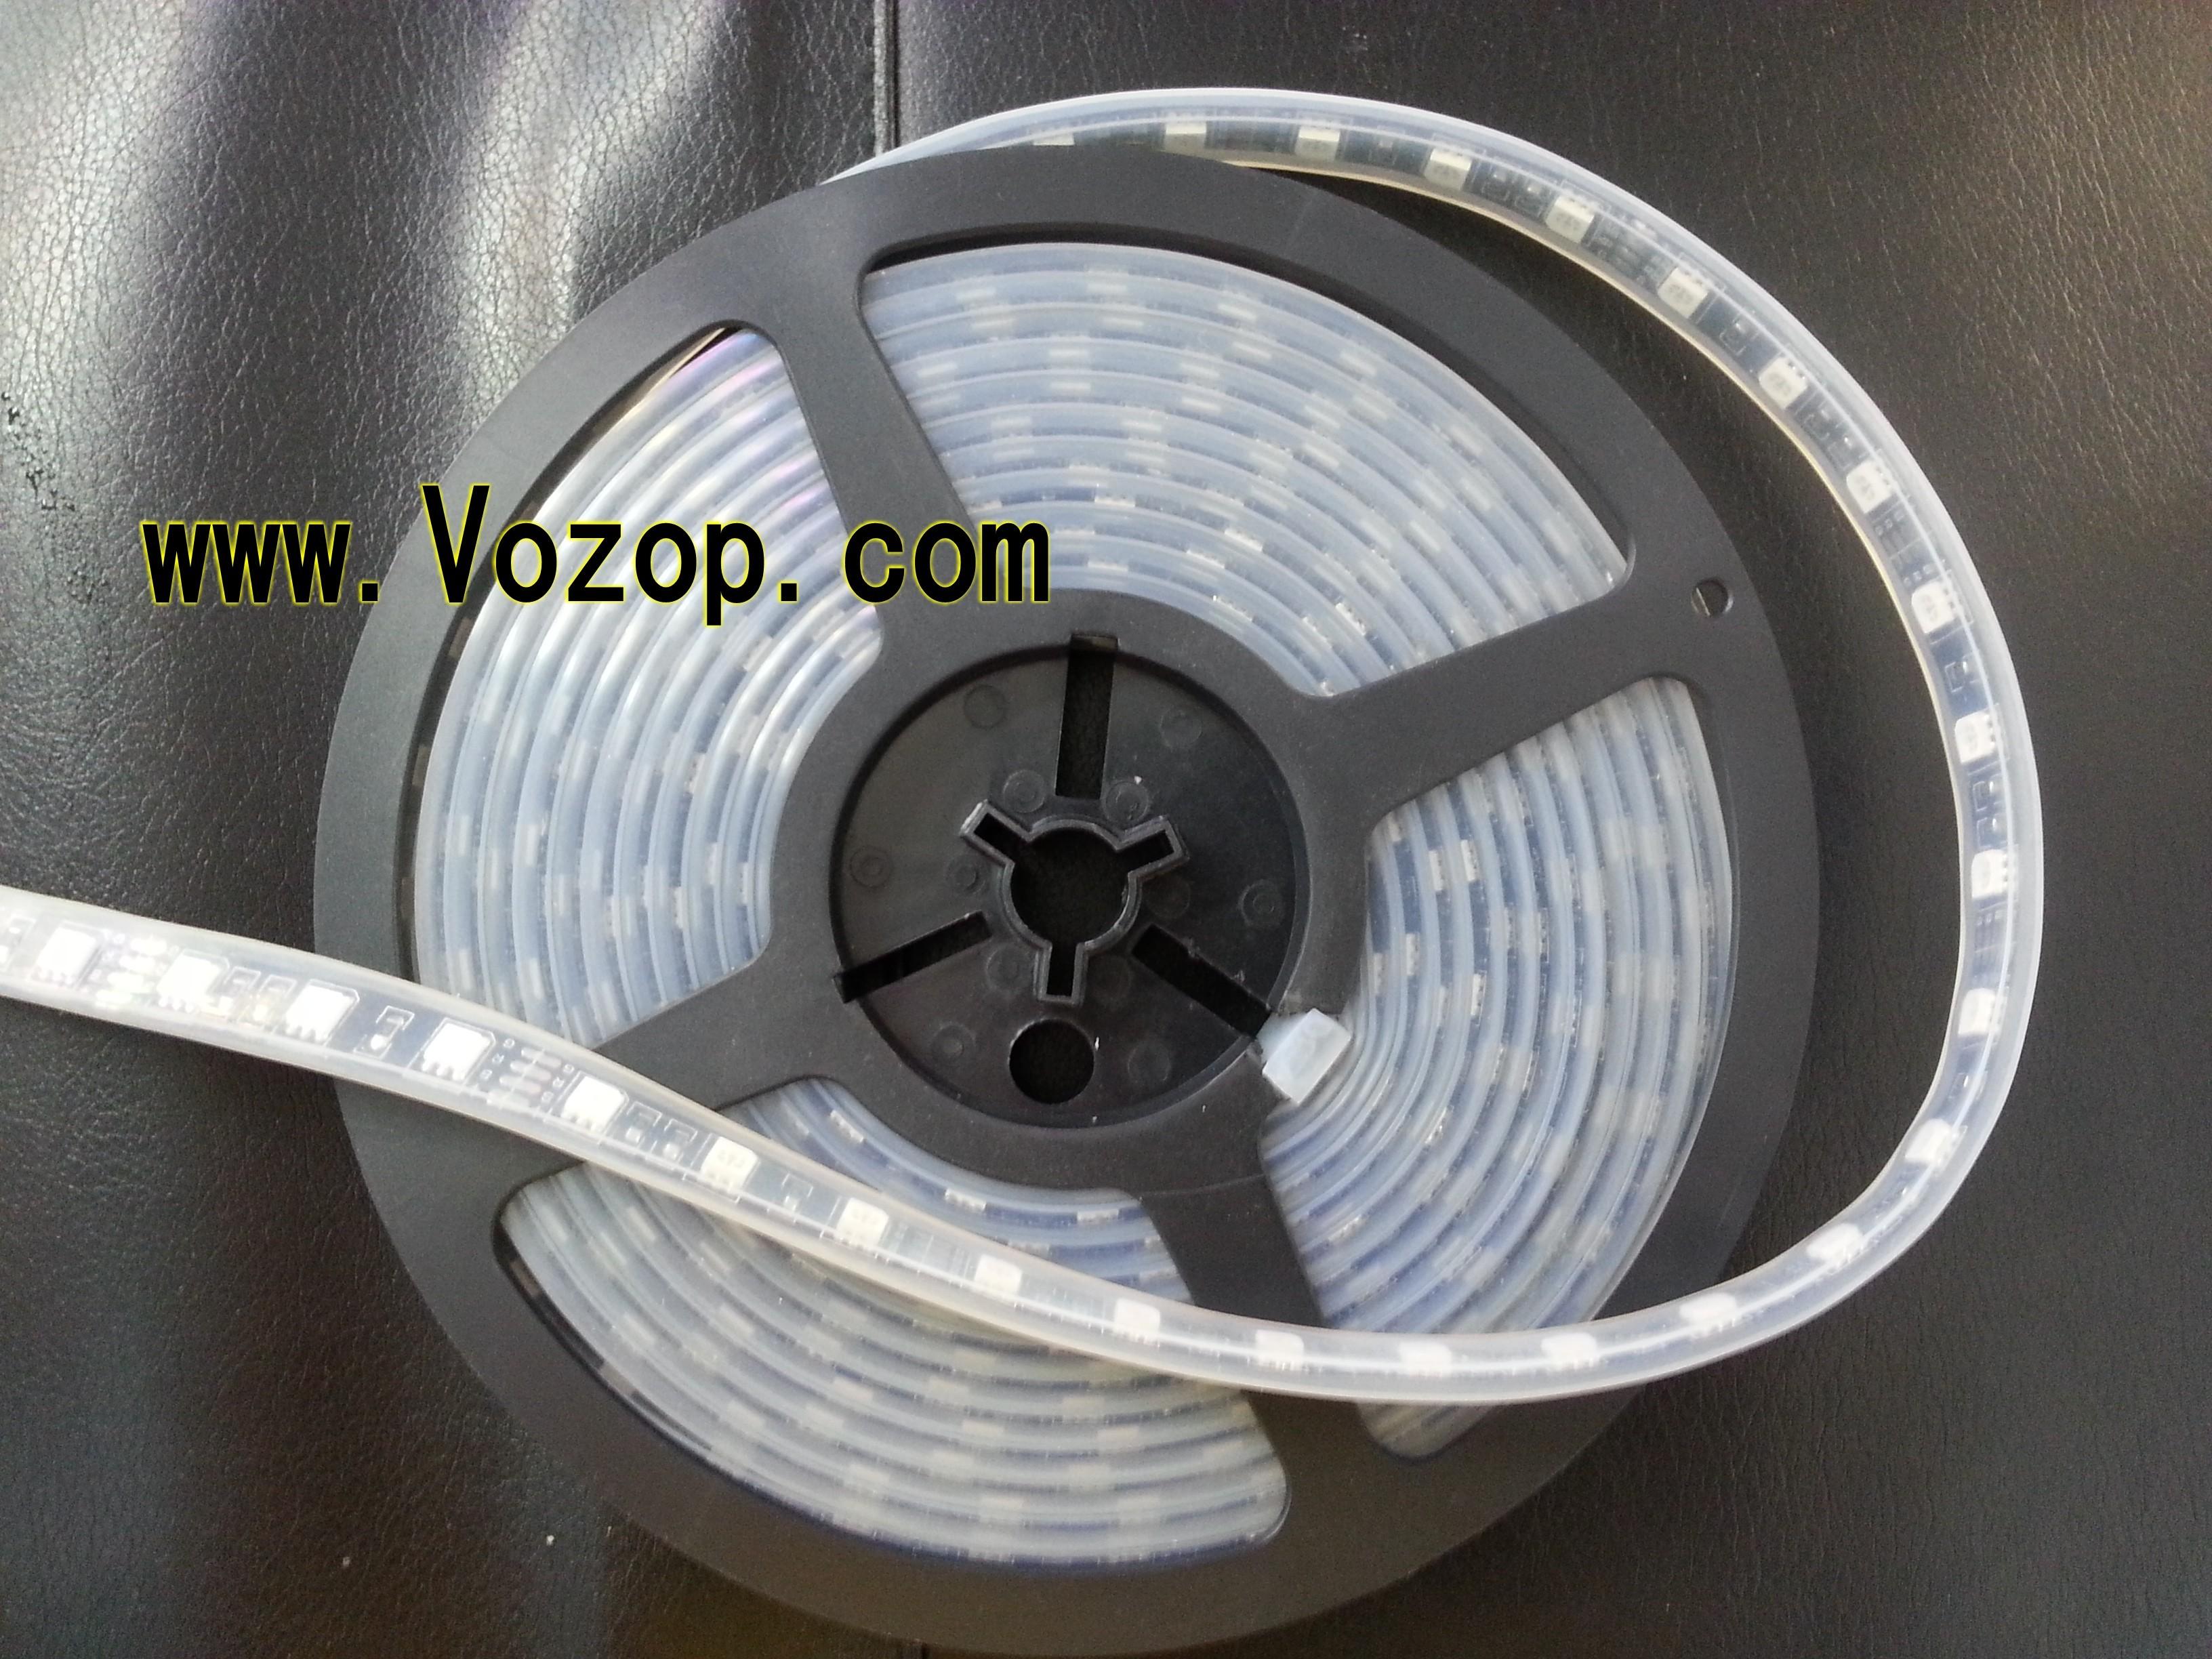 black_pcb_rgb_5050_led_tape_strip_lights_high_end_led_tapes